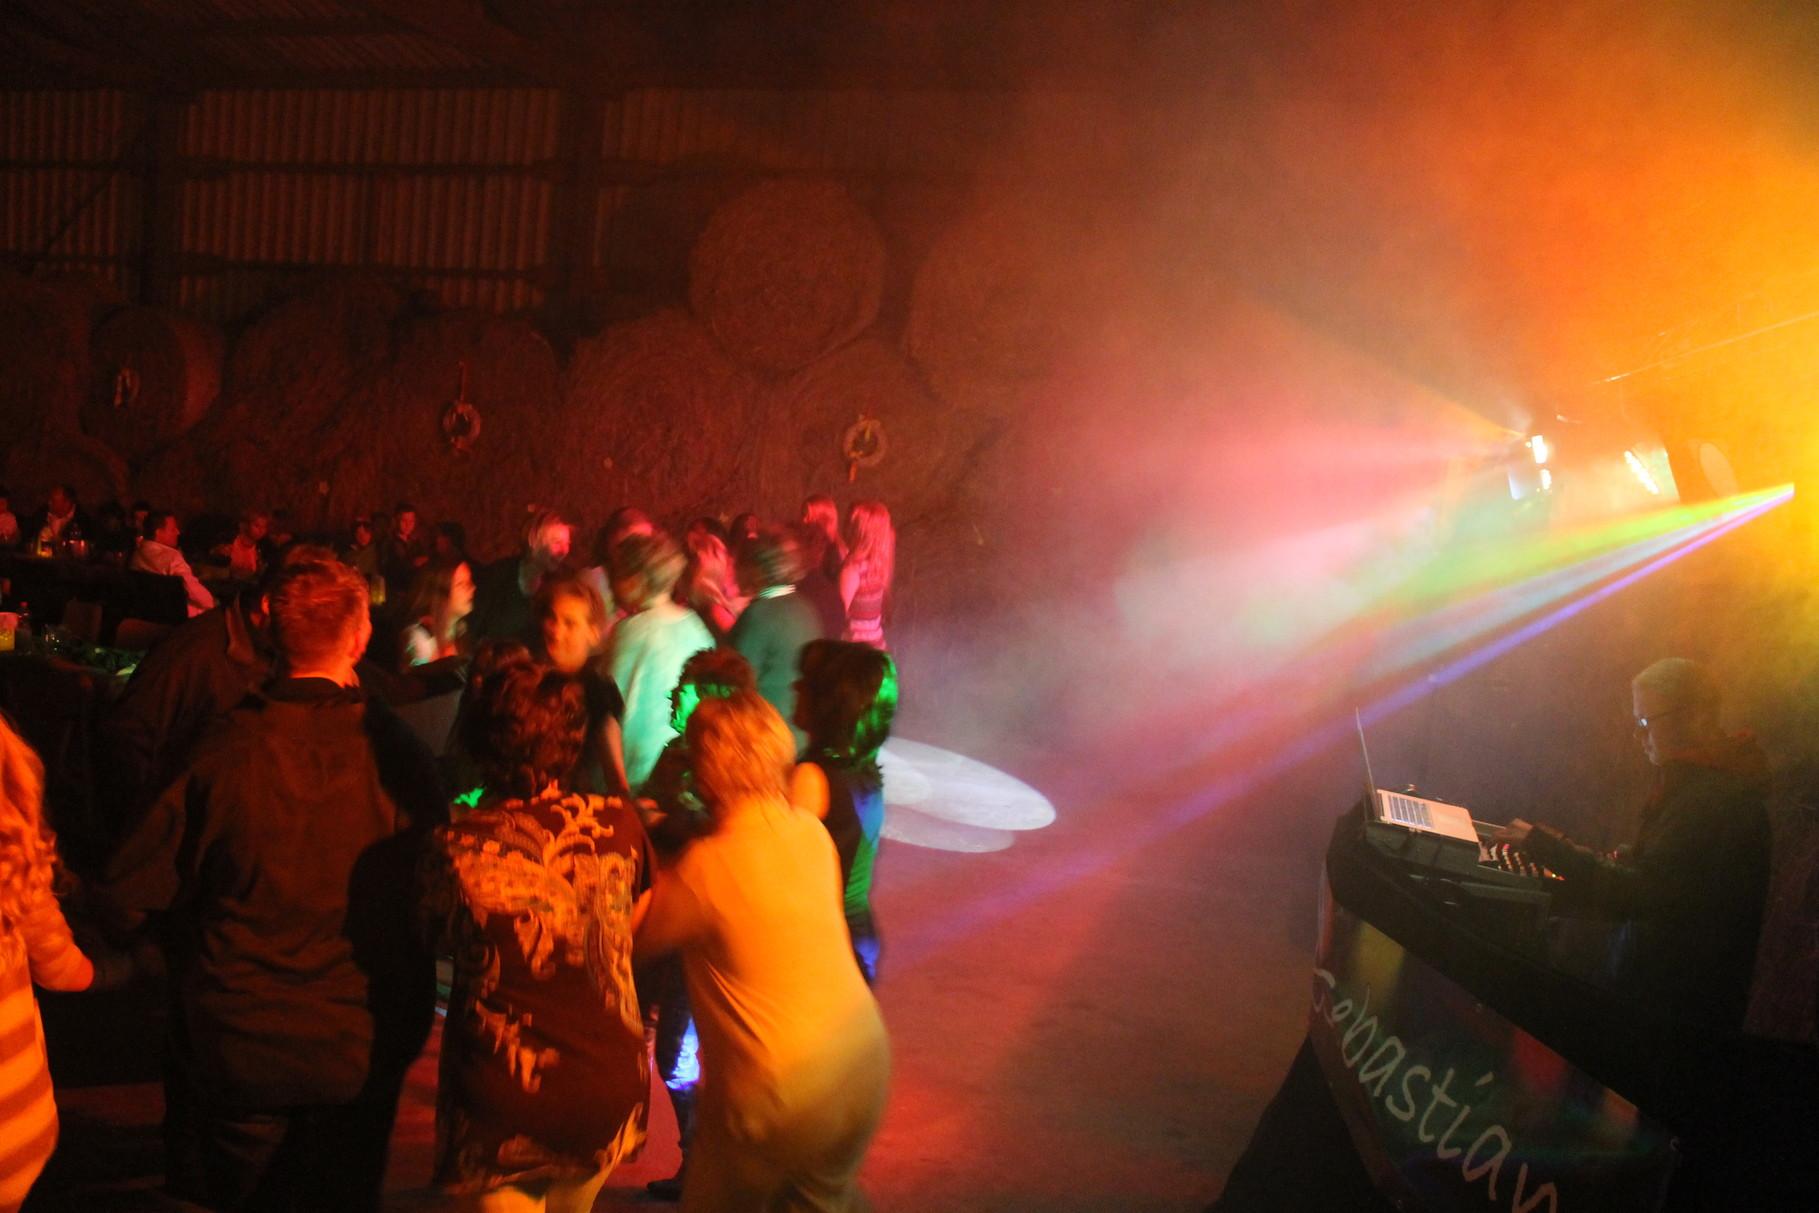 So könnte das Licht und die Stimmung auf Ihrer Party aussehen.